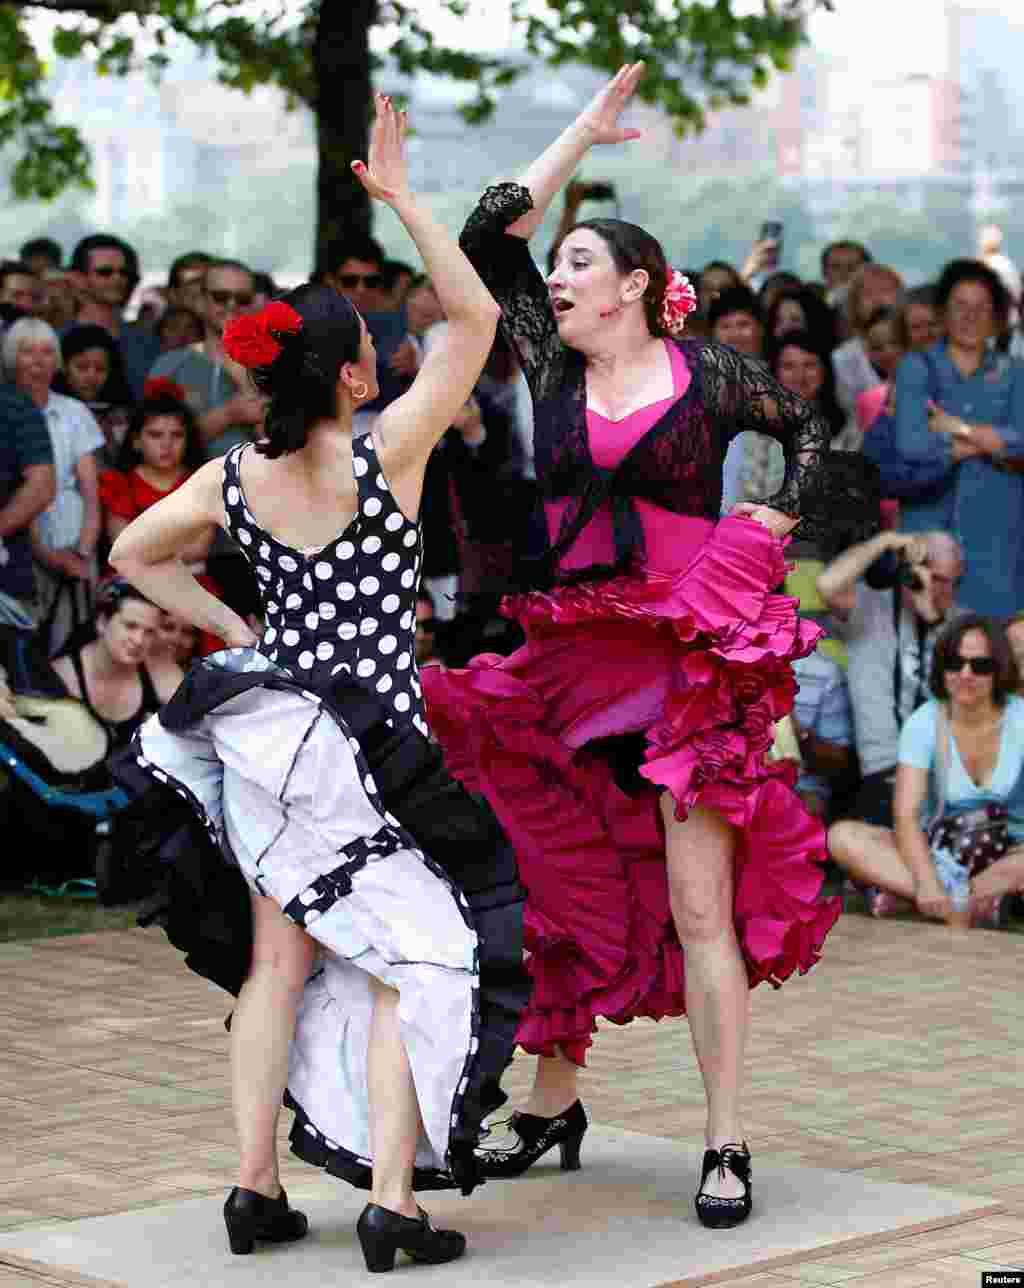 ក្រុមរបាំ Flamenco សម្តែងនៅលើមជ្ឈមណ្ឌល South Bank ក្នុងពិធីបុណ្យ Andalusian ក្នុងក្រុងឡុងដ៍។